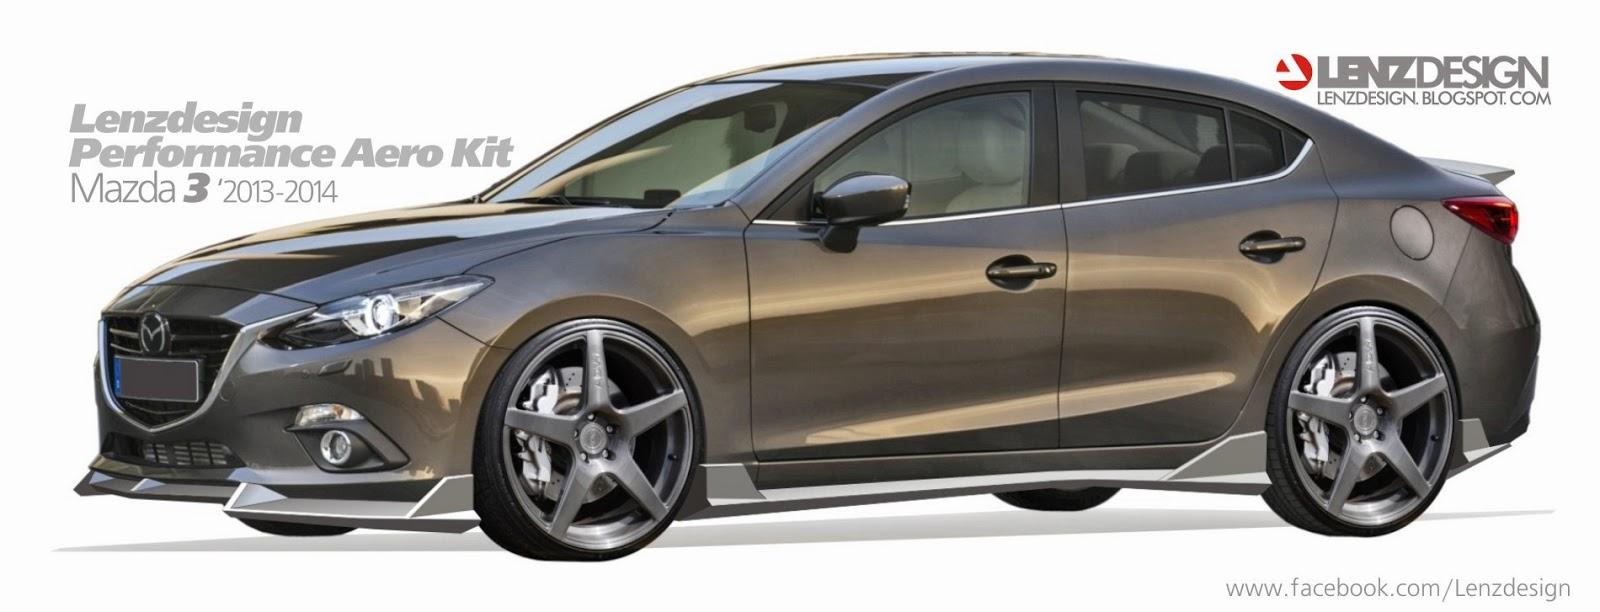 2014 Mazda 3 Body Kit | 2016 Car Release Date